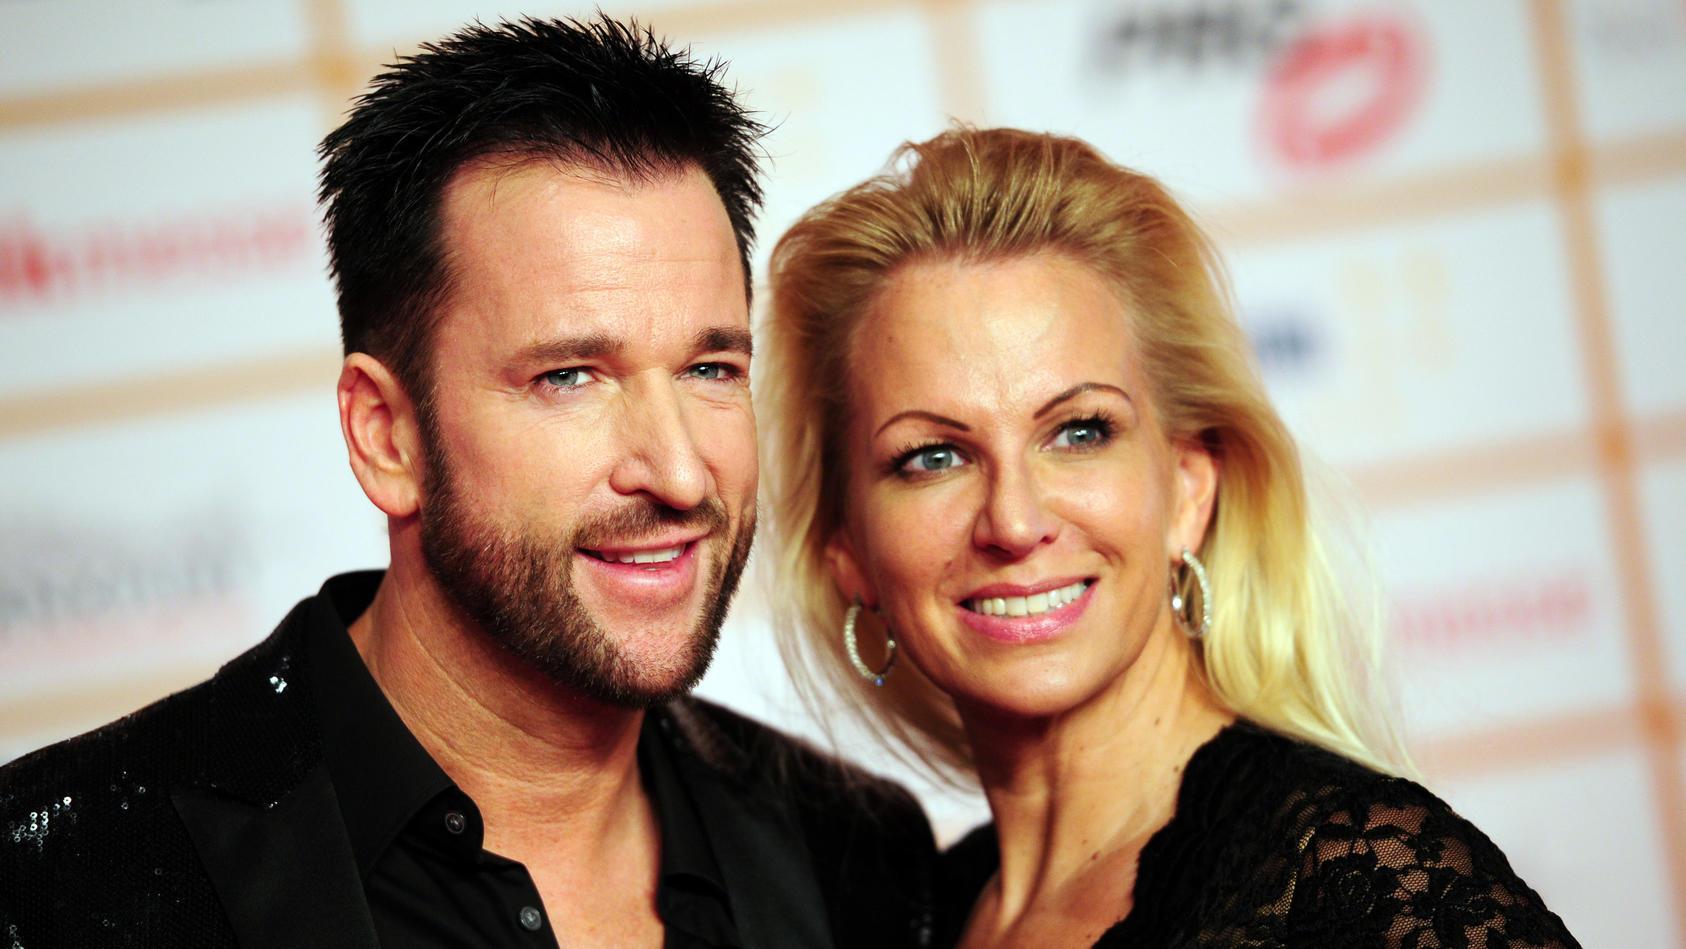 Damals waren Michael Wendler und Claudia Norberg ein glückliches Ehepaar. Jetzt sind die beiden offiziell geschieden.